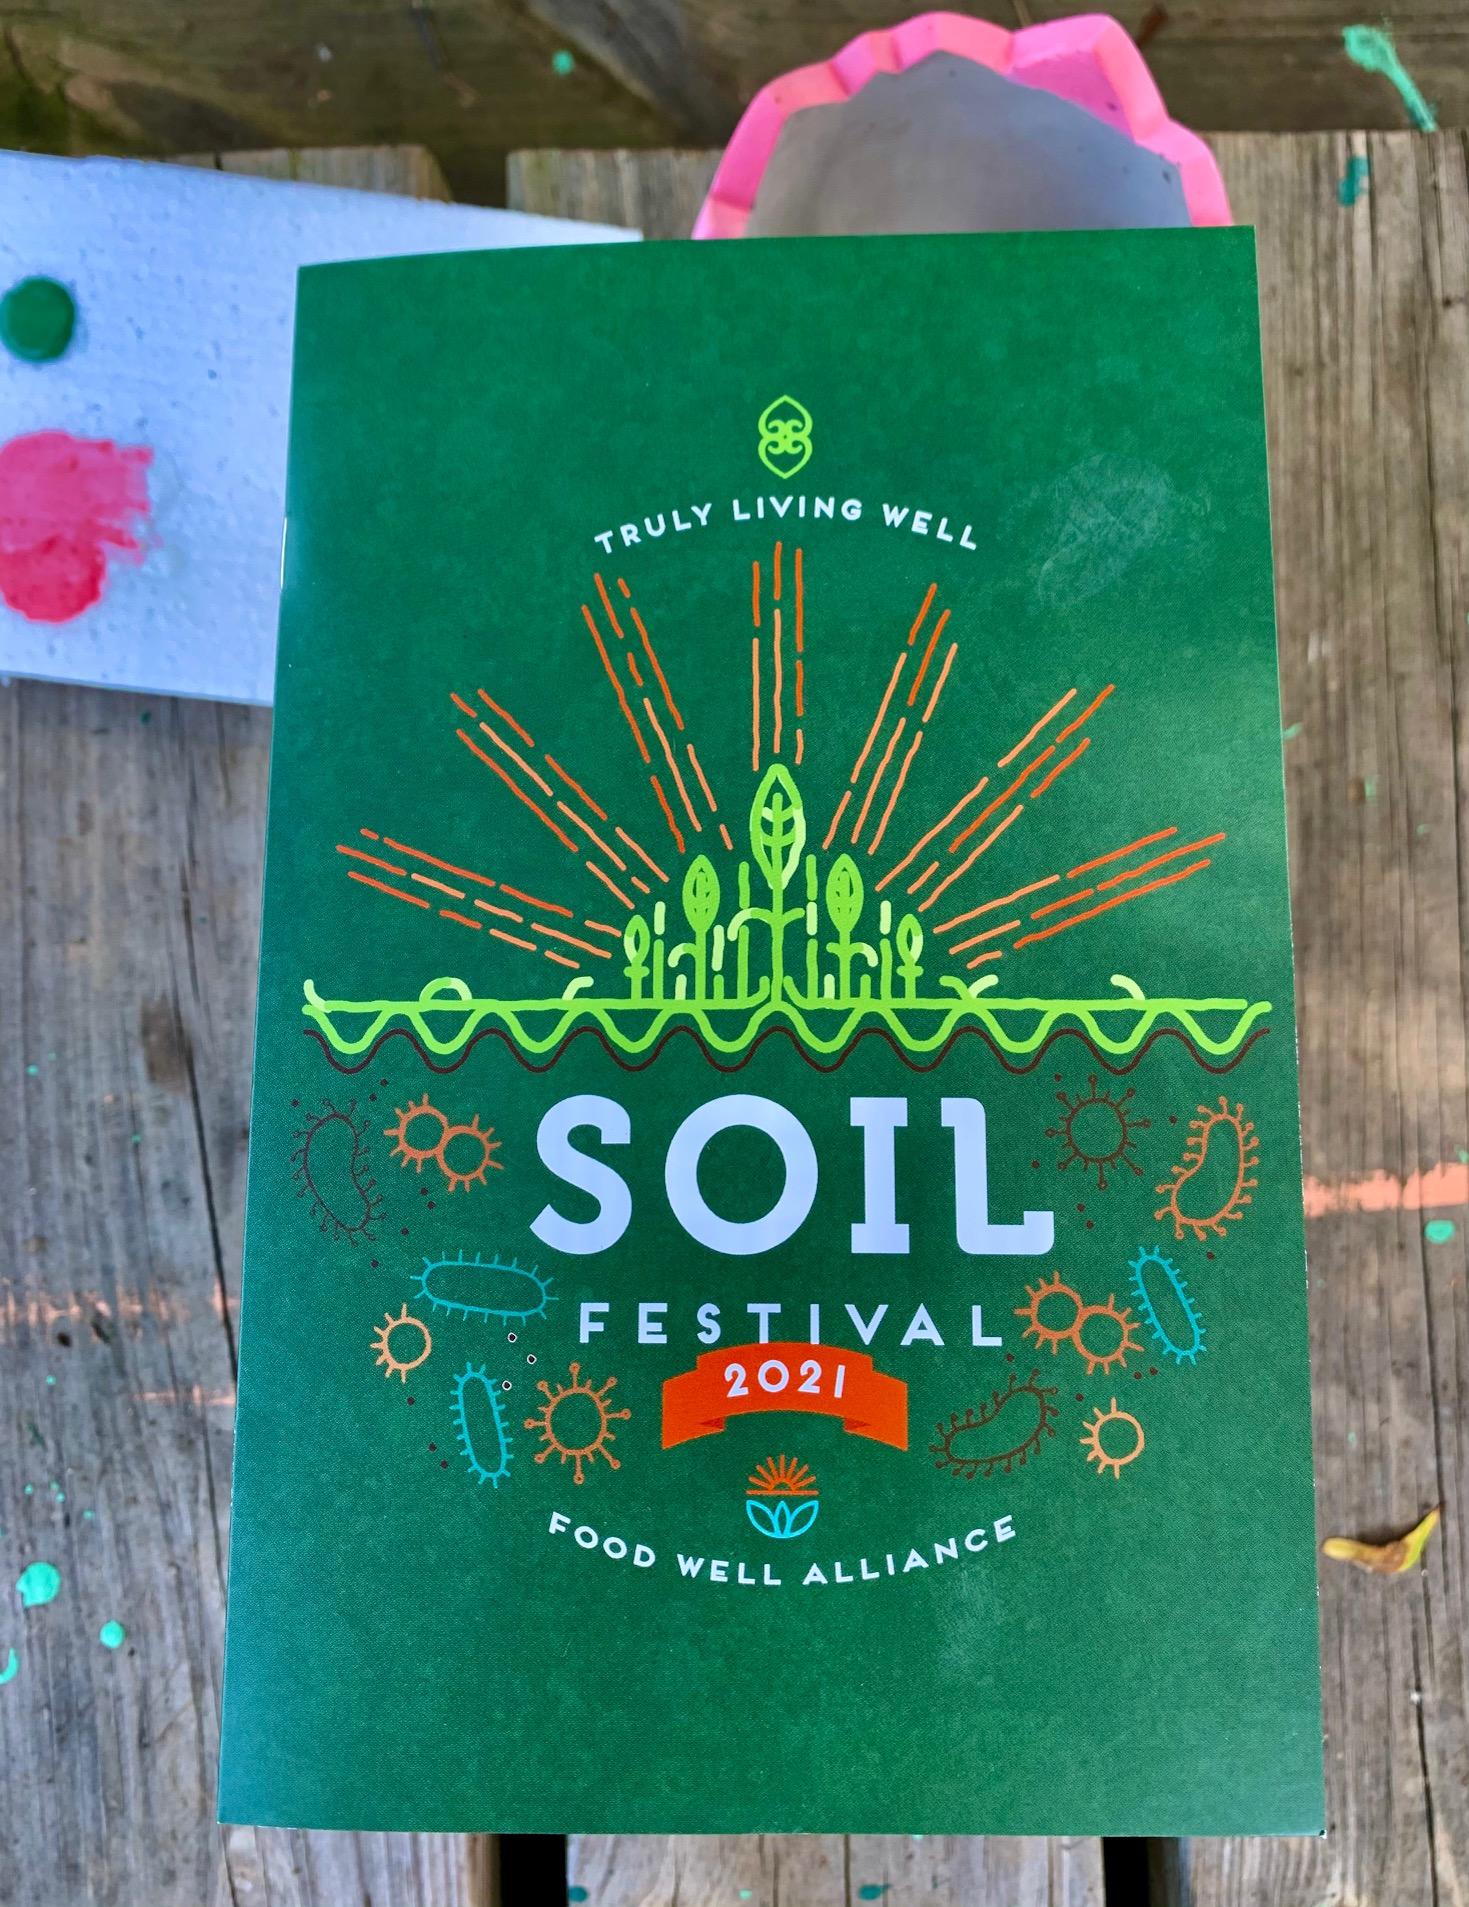 SoilFestival2021_02